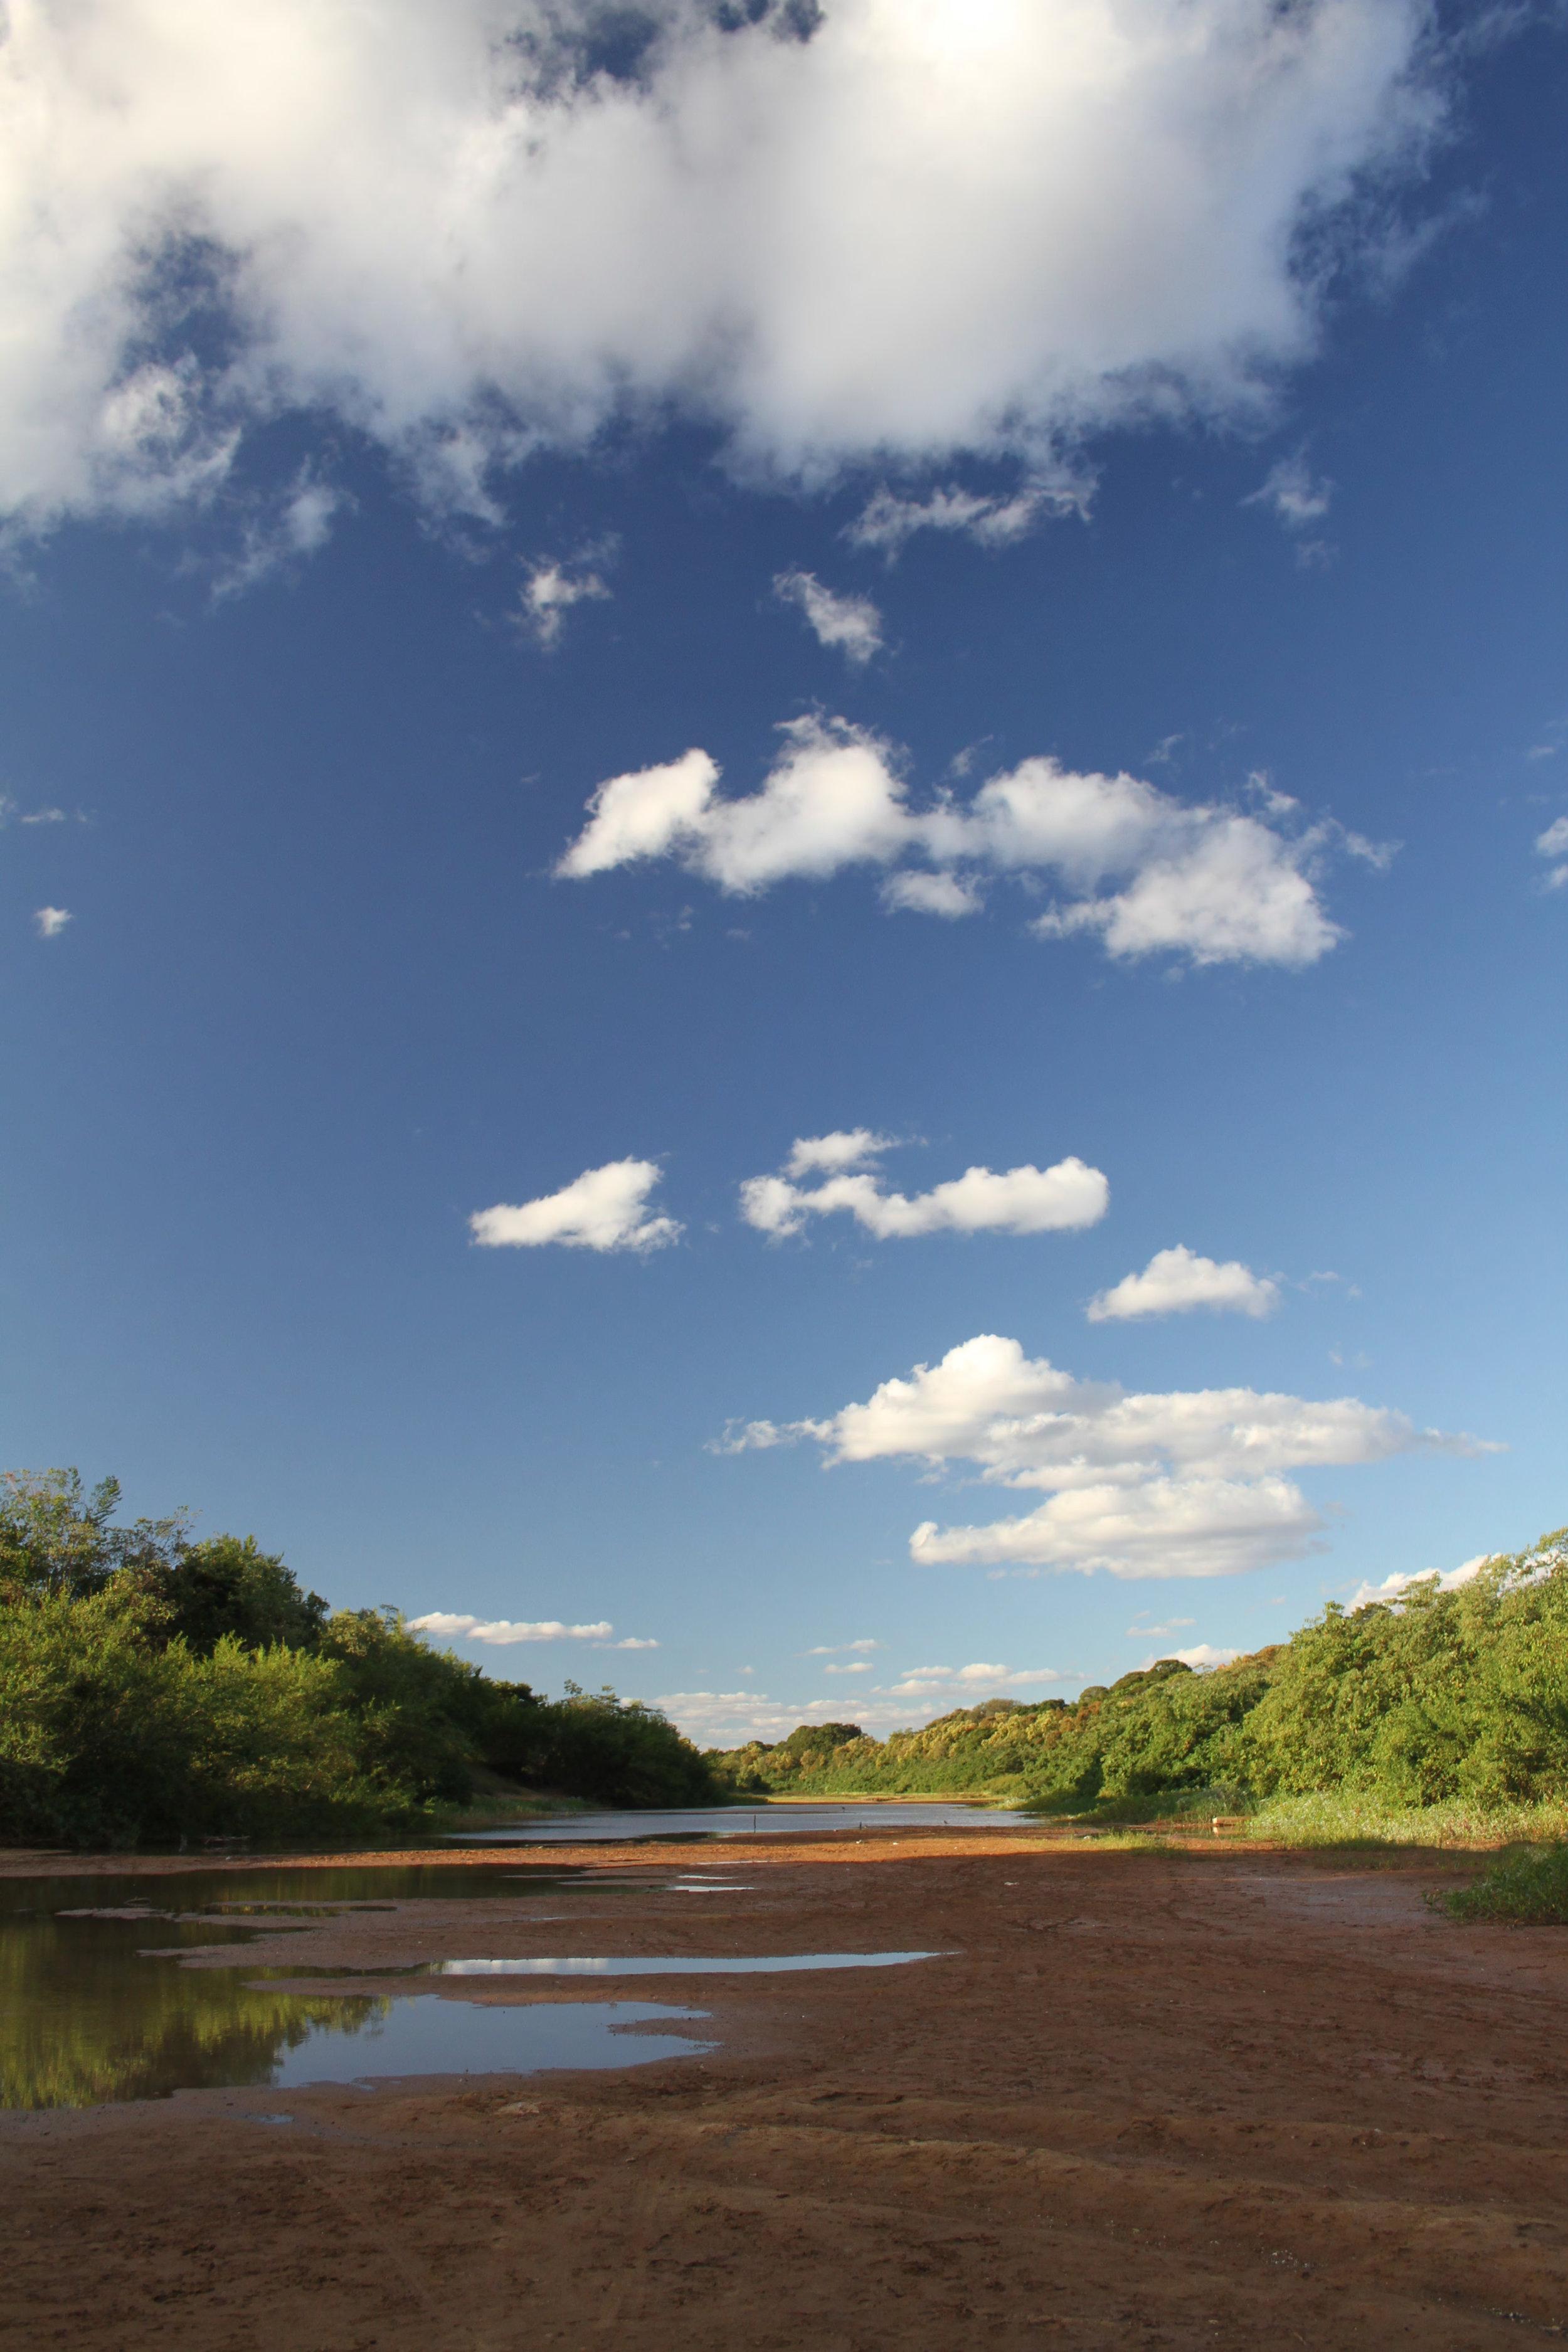 Riverbed in the Cerrado Biome region of Brazil. Photo Credit: Patti Dunne